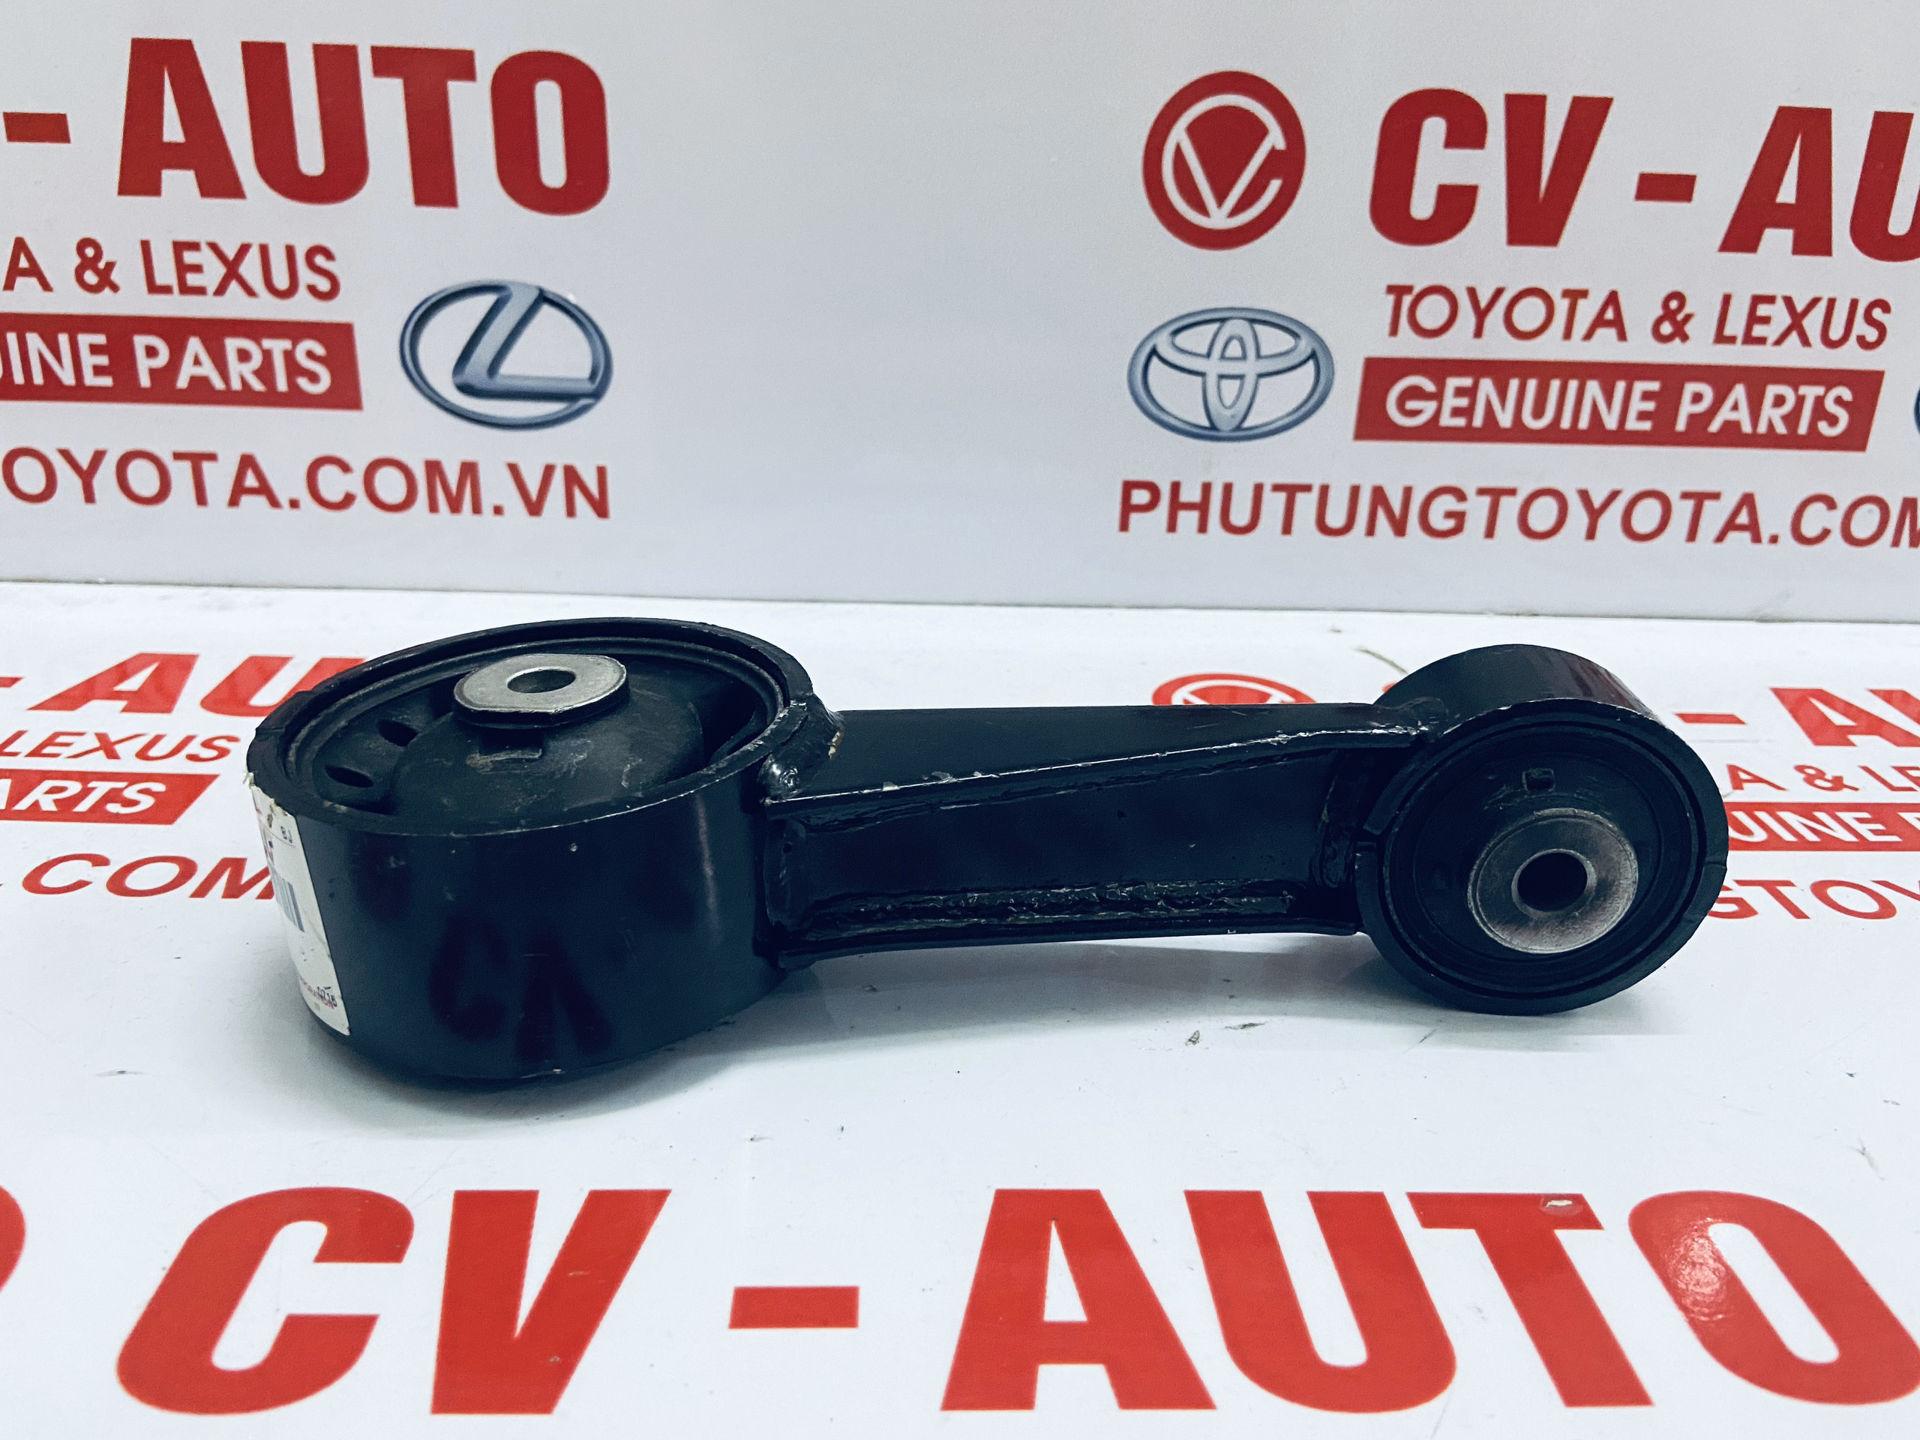 Picture of 12363-31040 Chân giằng số 8 Toyota Highlander 3.5 chính hãng